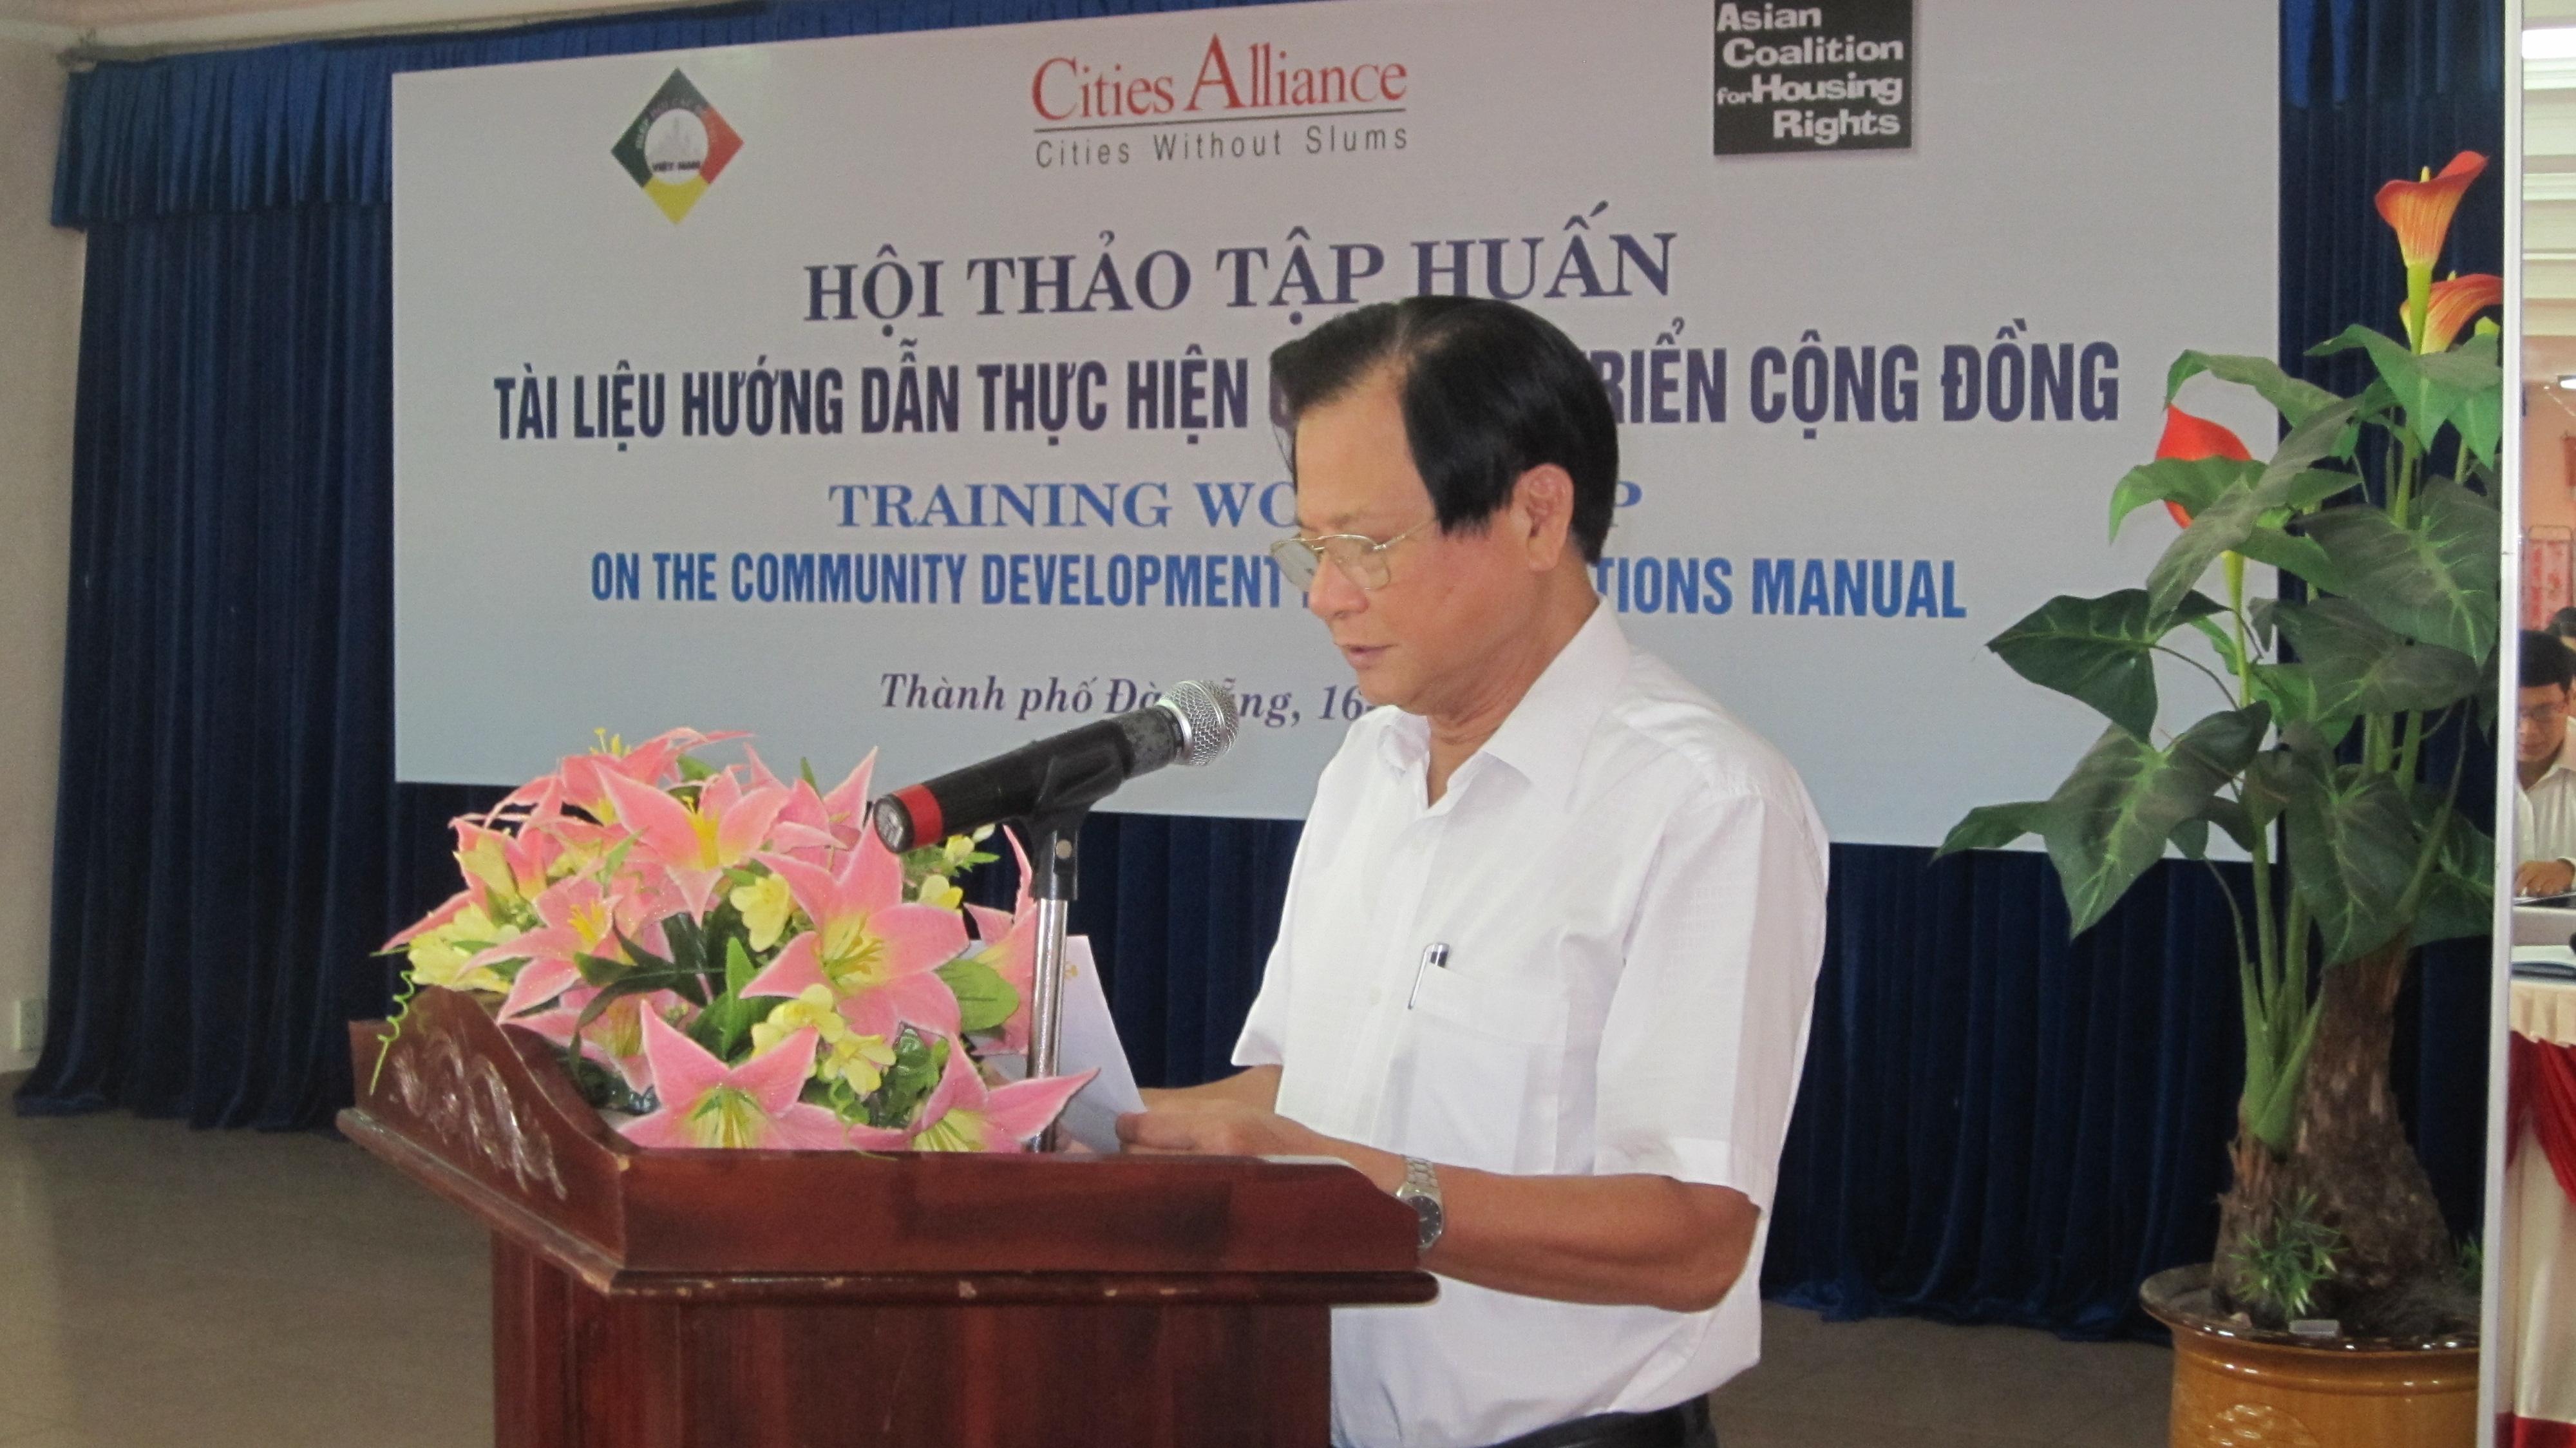 Hội thảo tập huấn tài liệu hướng dẫn thực hiện Quỹ Phát triển Cộng đồng